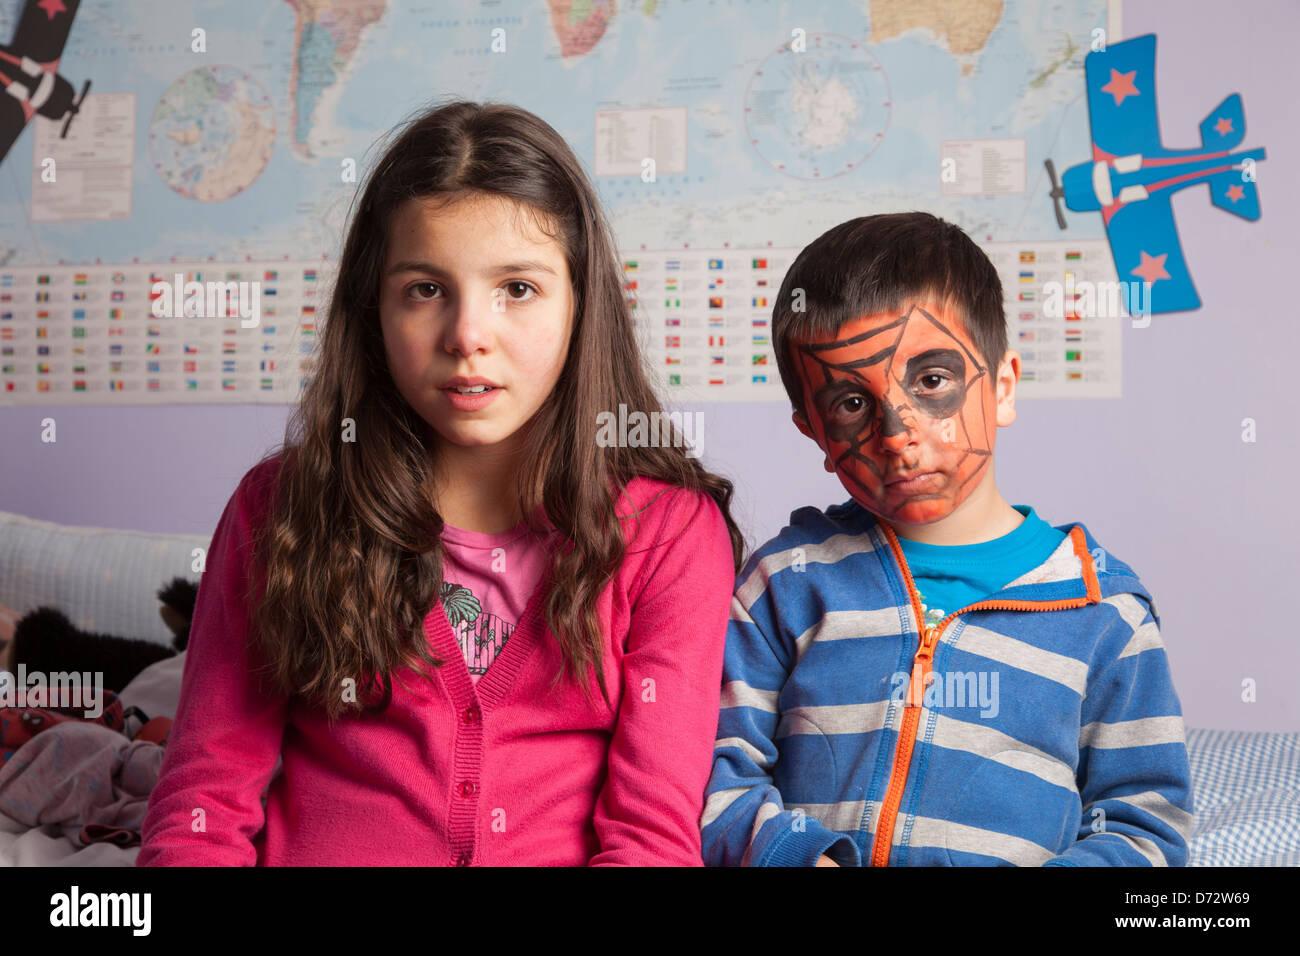 Siblings in their room - Stock Image